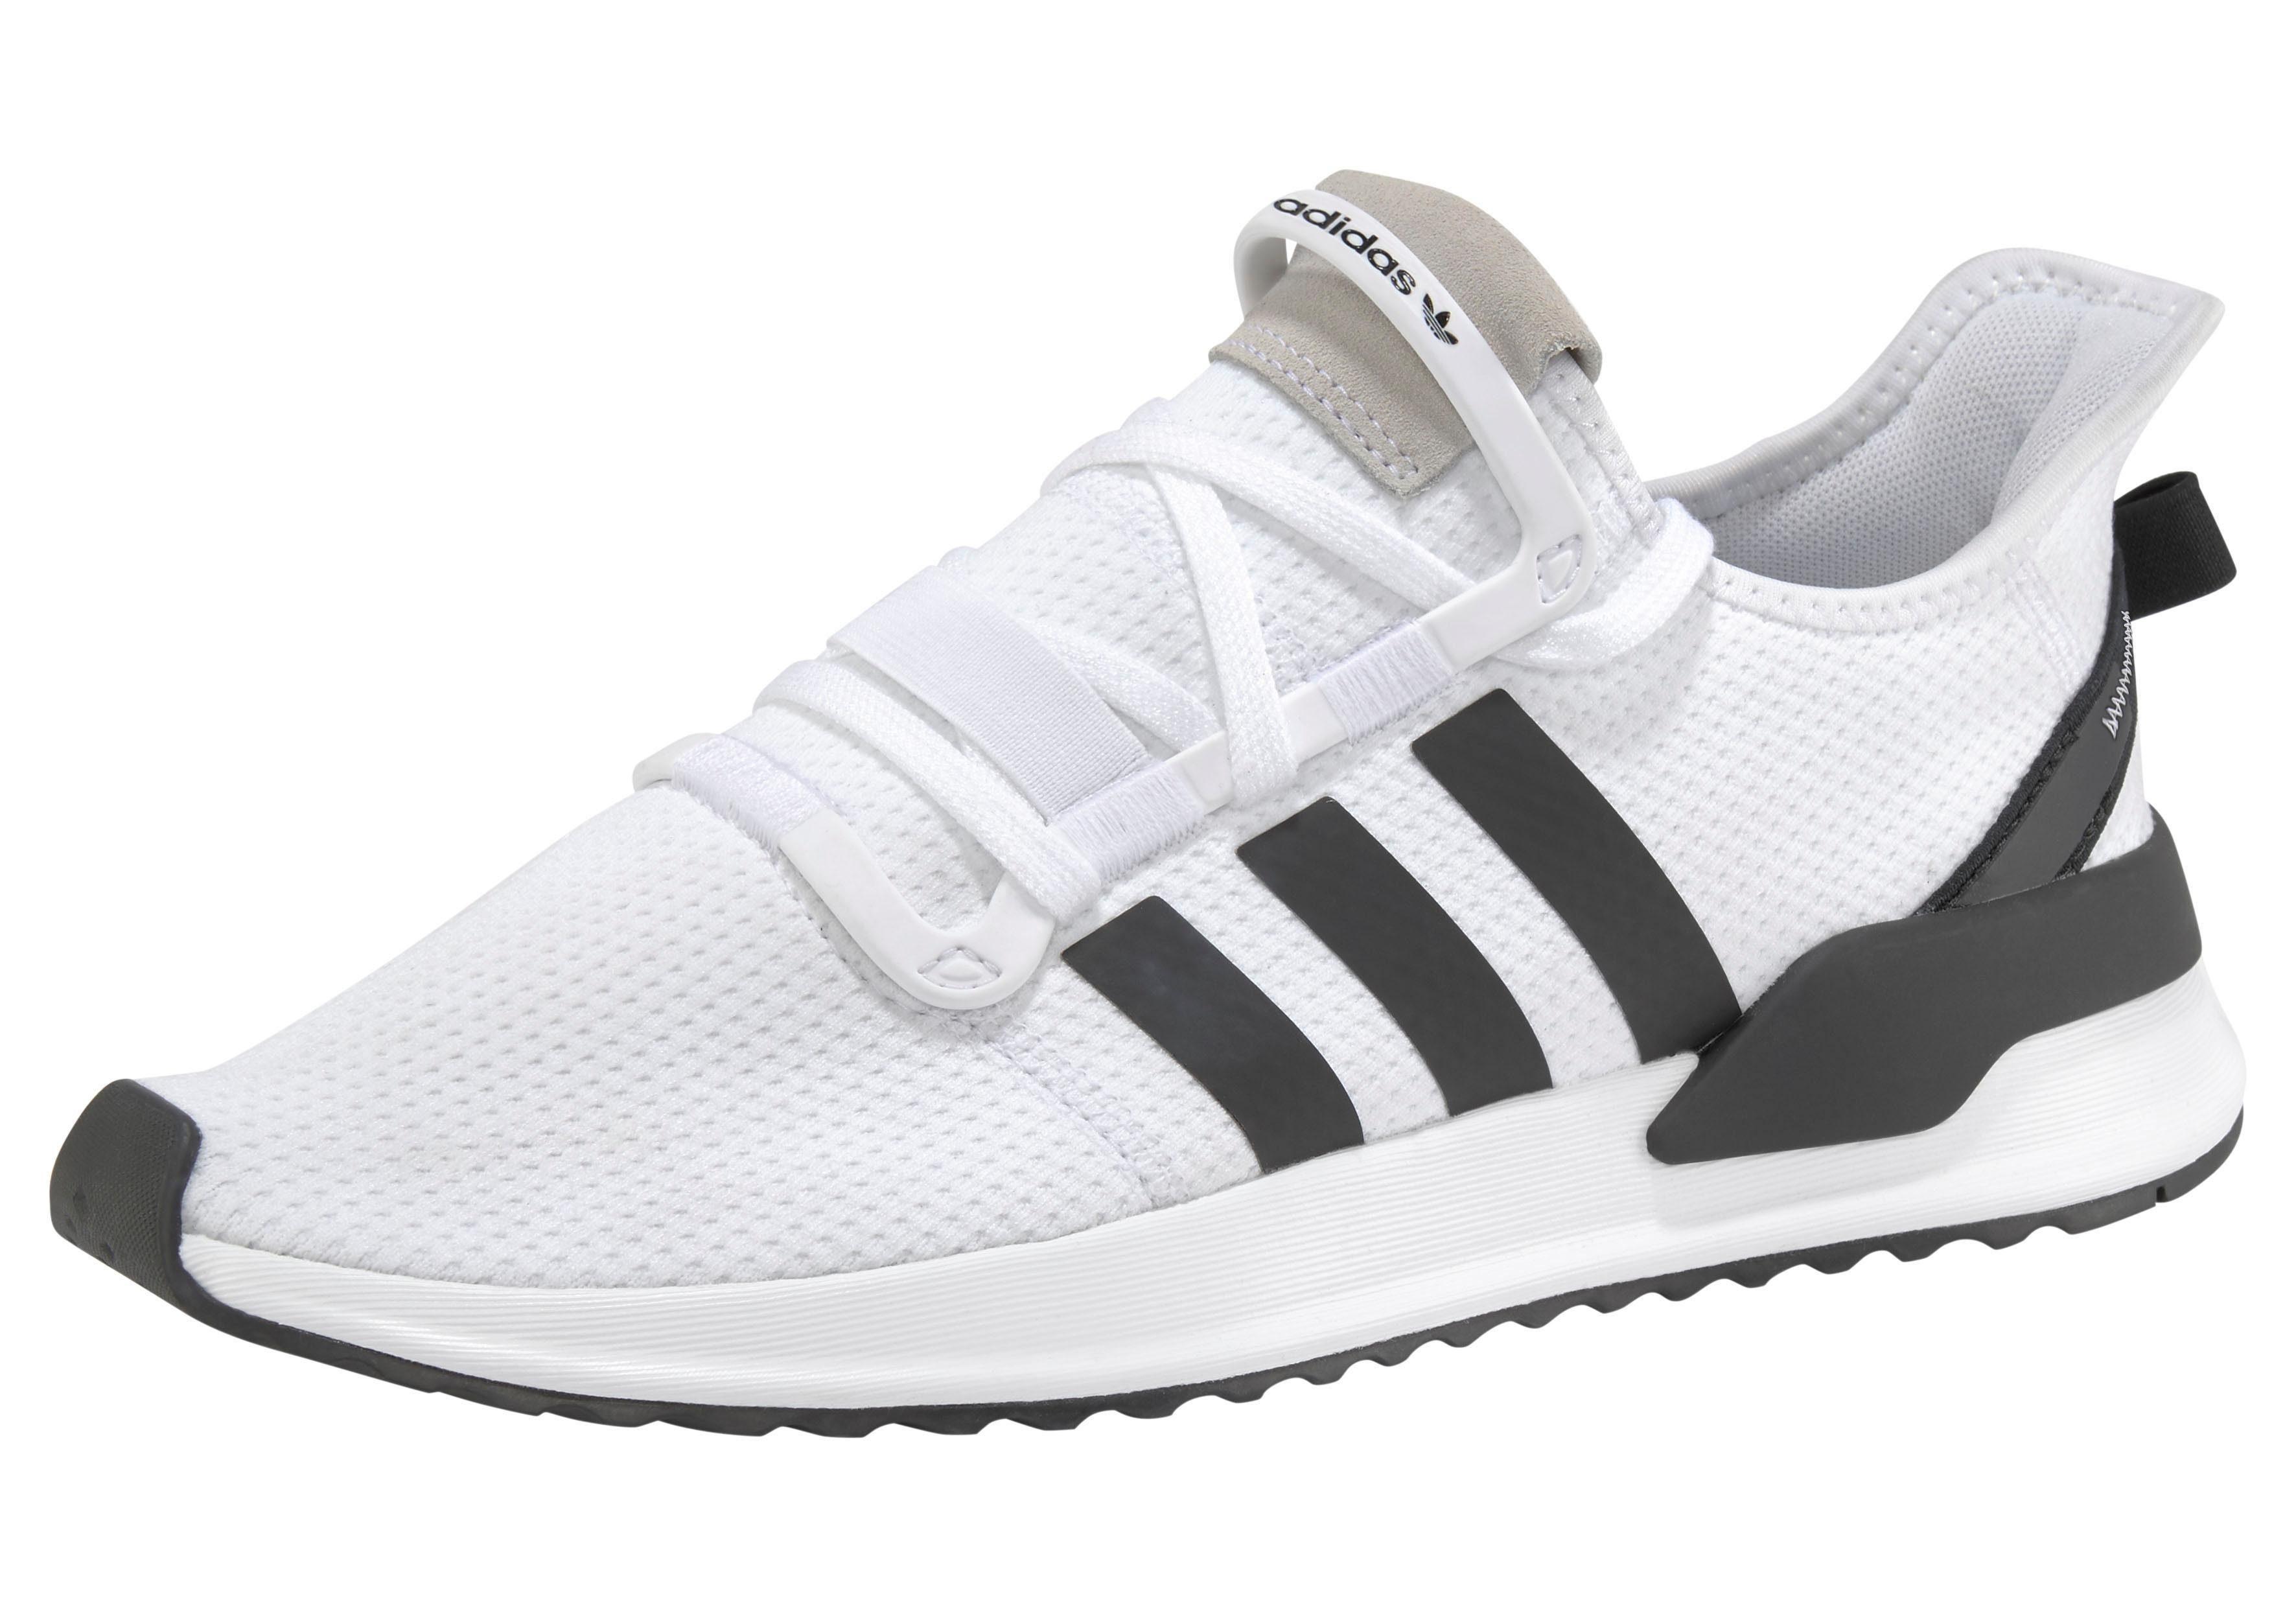 adidas Originals »U_Path Run« Sneaker, Dämpfende Zwischensohle für mehr Tragekomfort online kaufen | OTTO